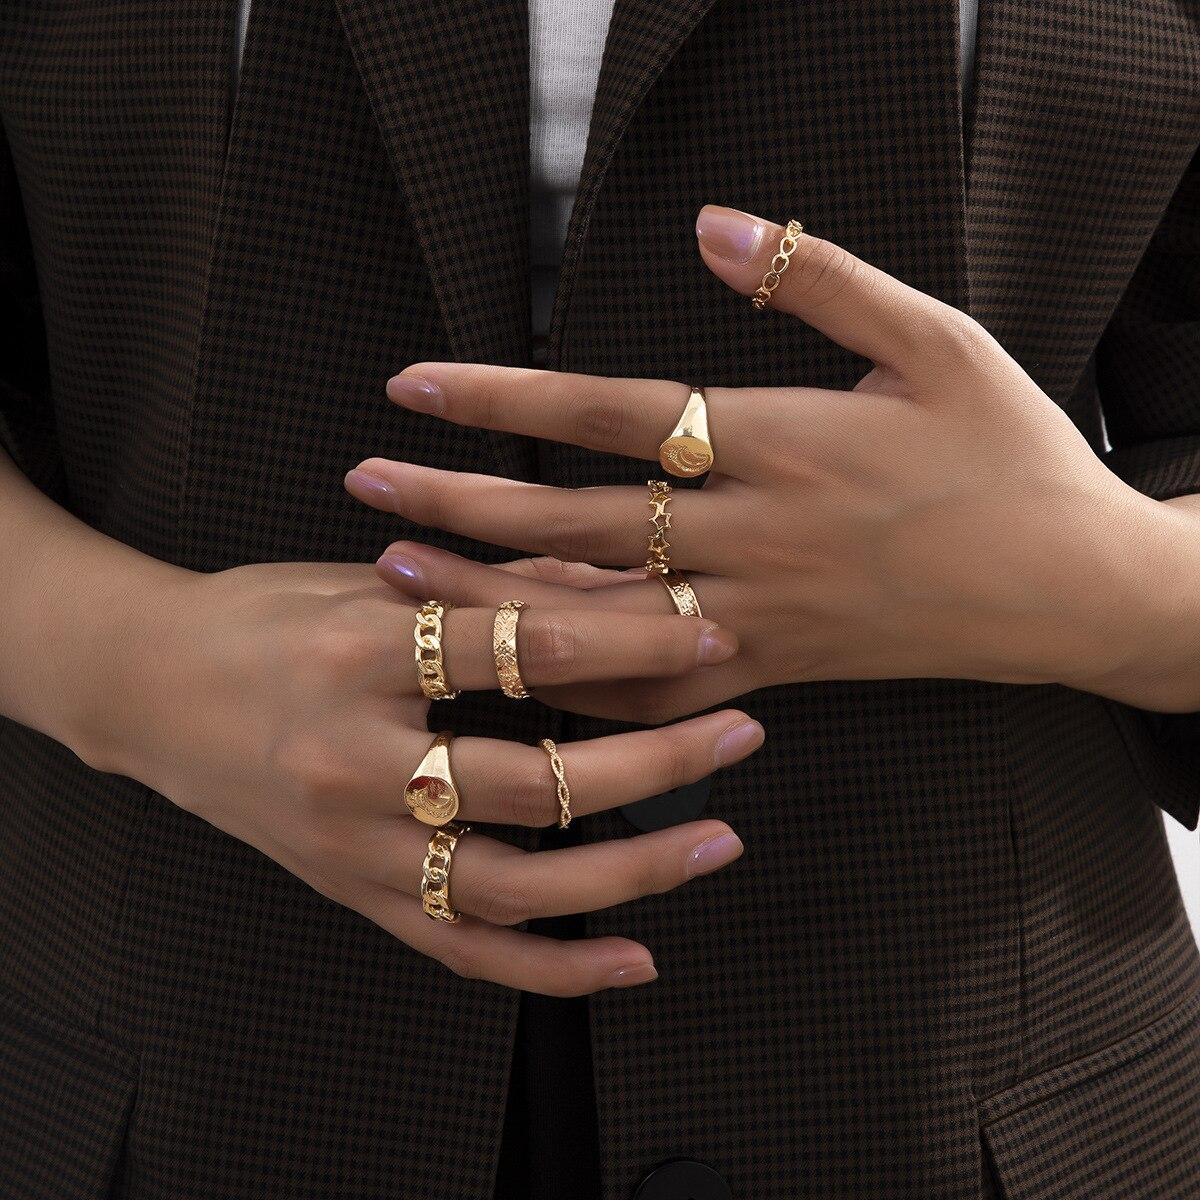 Europeu e americano moda jóias com liga lua oca combinação personalidade conjunto anel para presentes femininos atacado